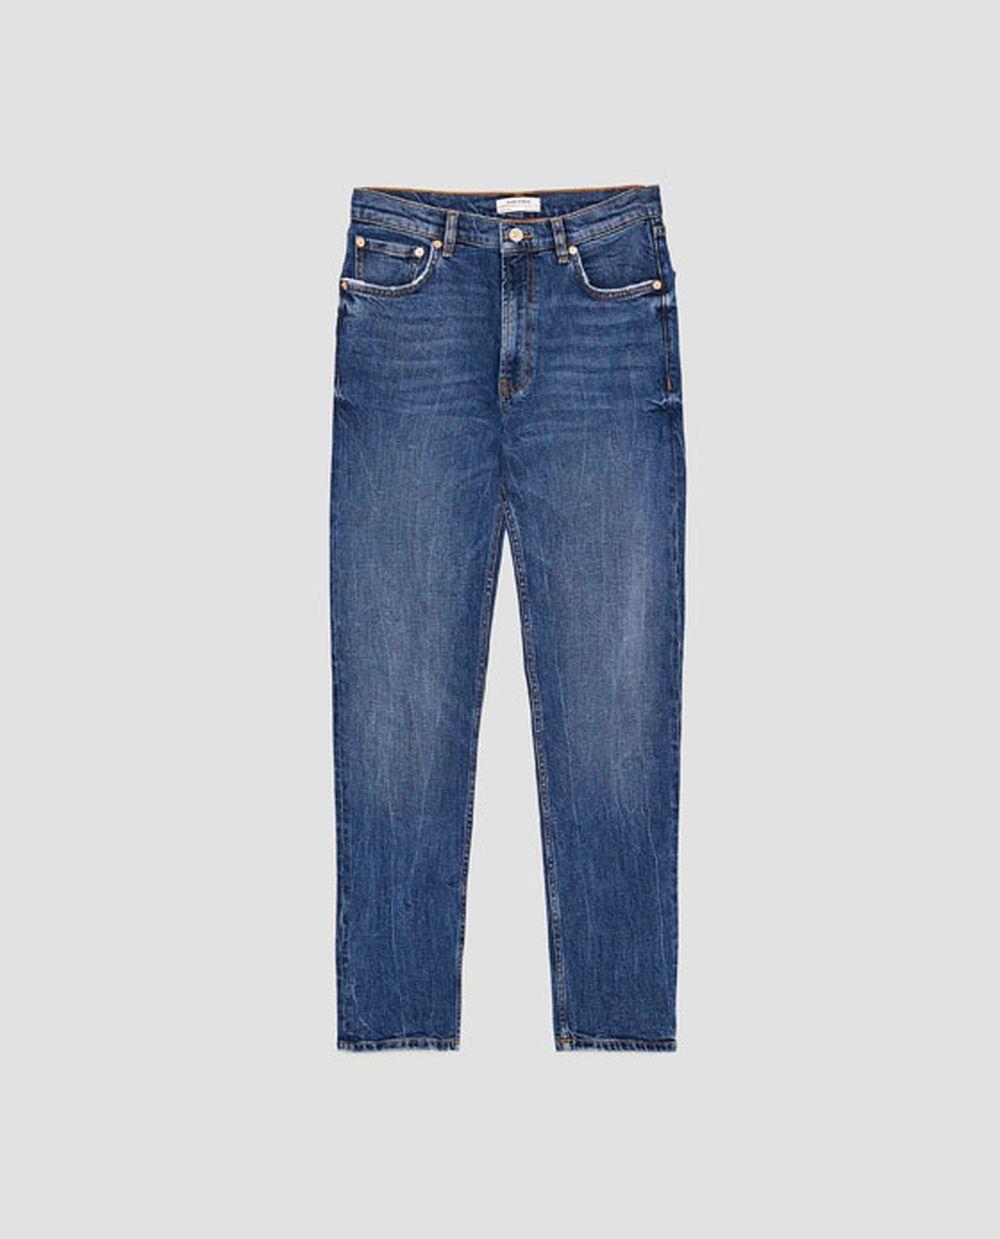 Mom jeans de Zara (29,95 euros)